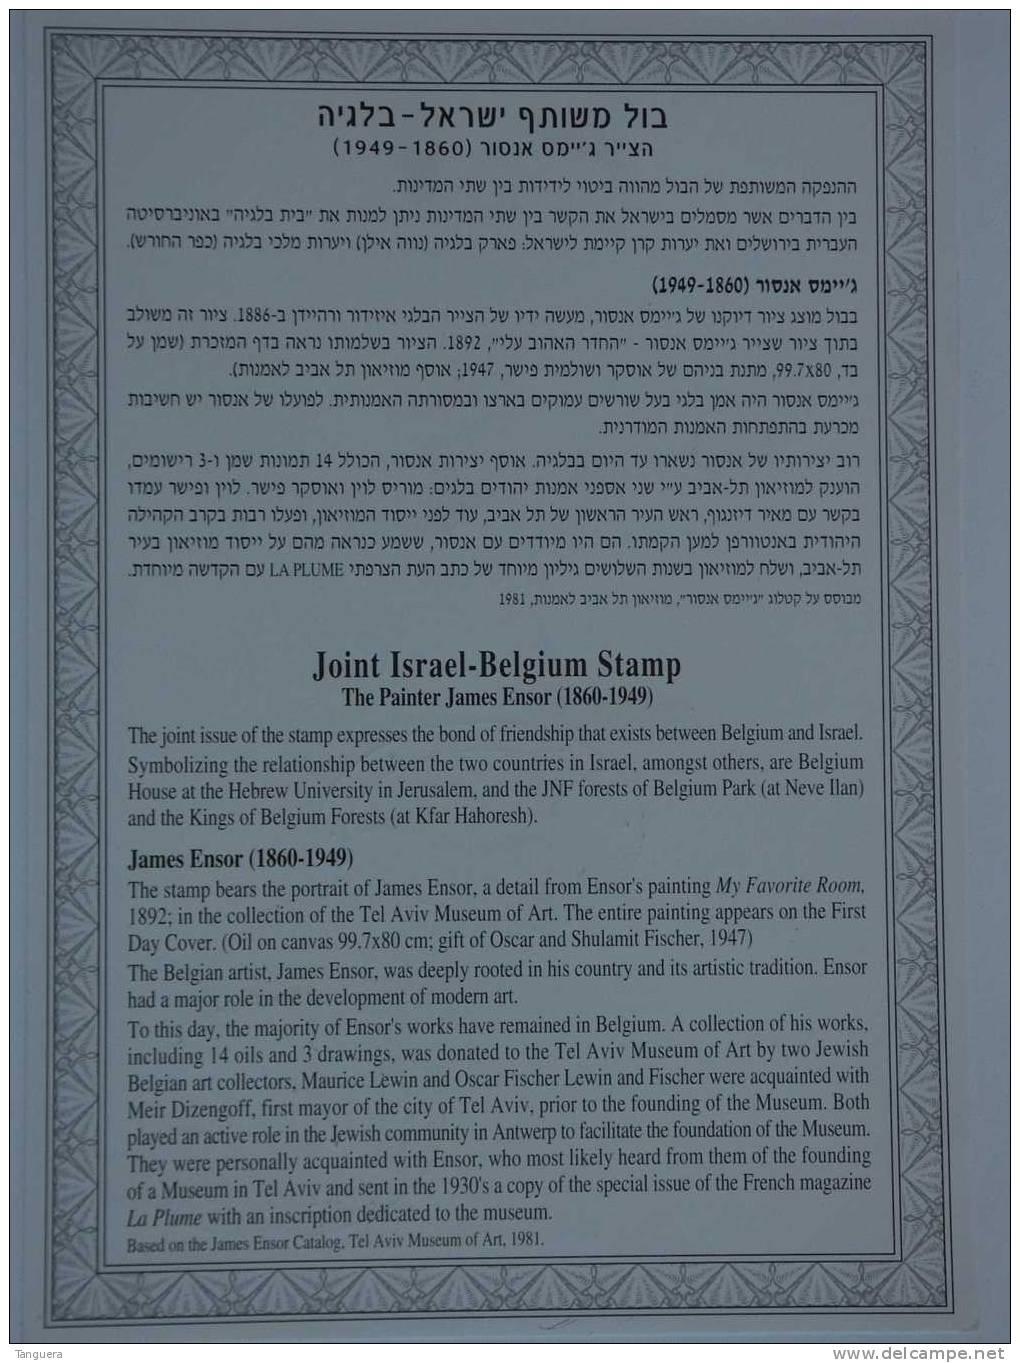 België Belgique Belgium Israel 1999 Herdenkingskaart Carte Souvenir Souvenir Leaf James Ensor Peintre Painter - Souvenir Cards